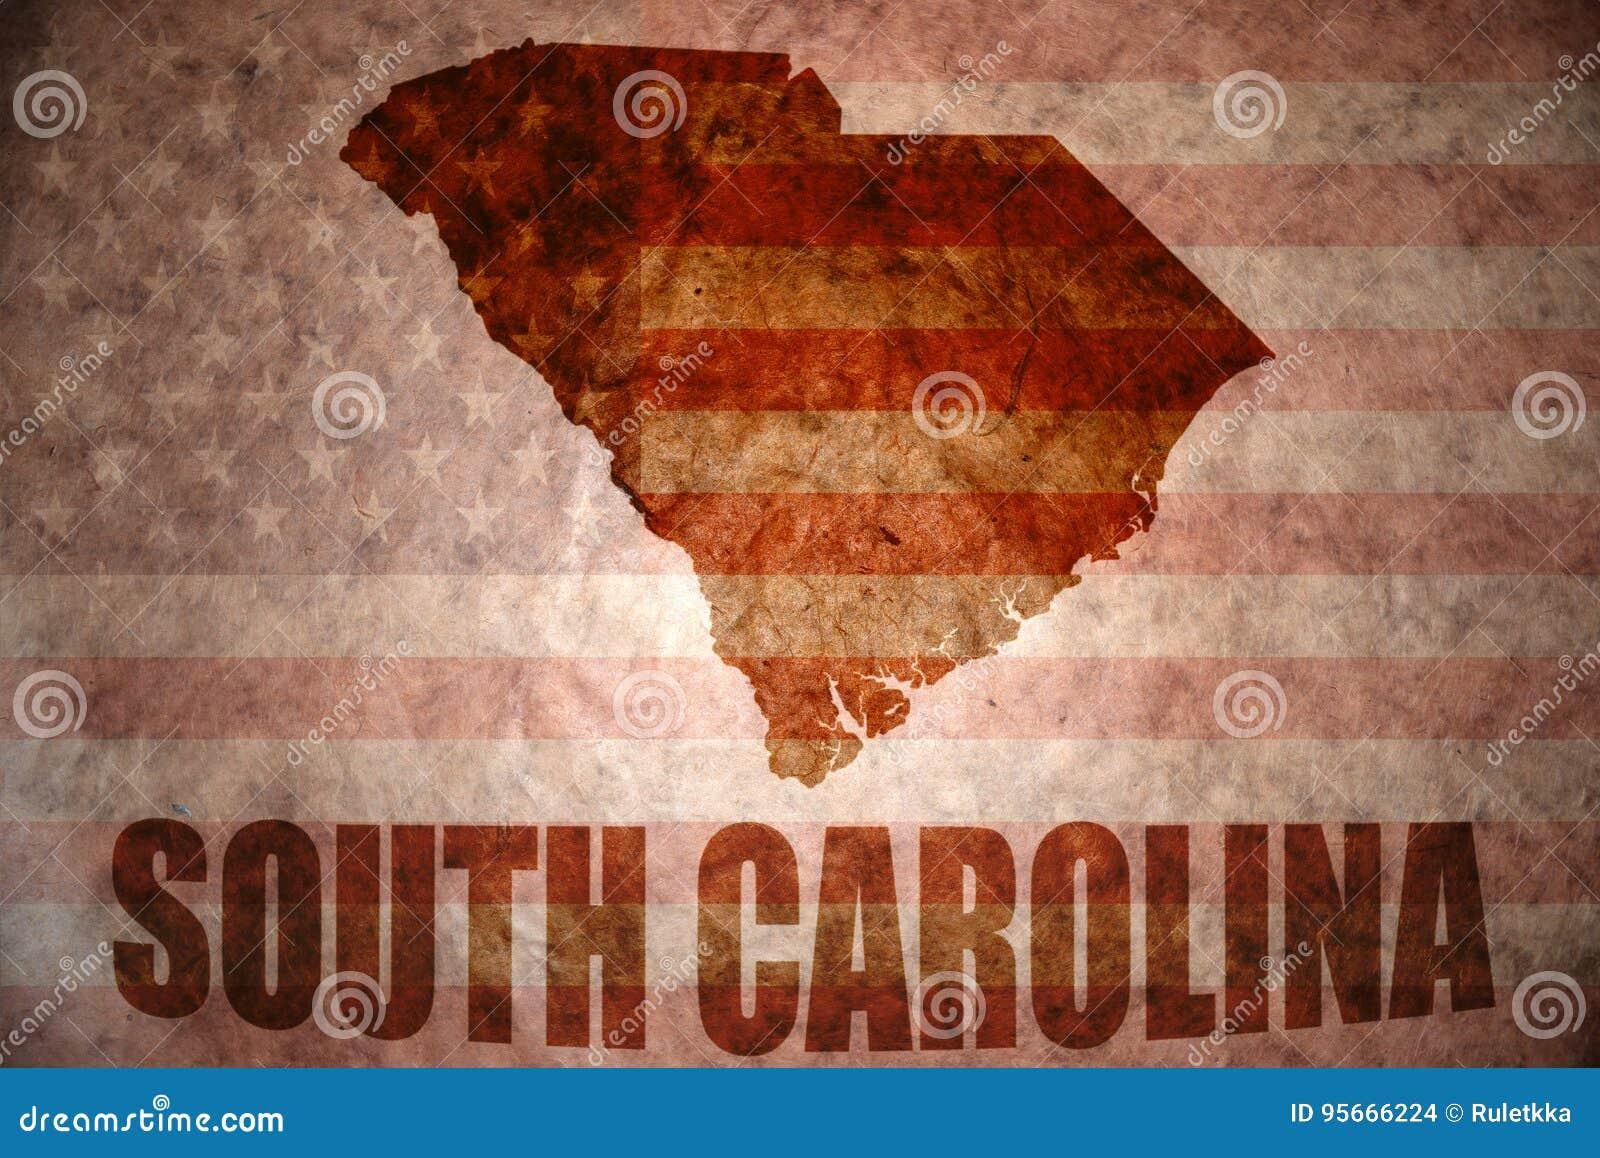 Vintage South Carolina Map.Vintage South Carolina Map Stock Photo Image Of Carolina 95666224